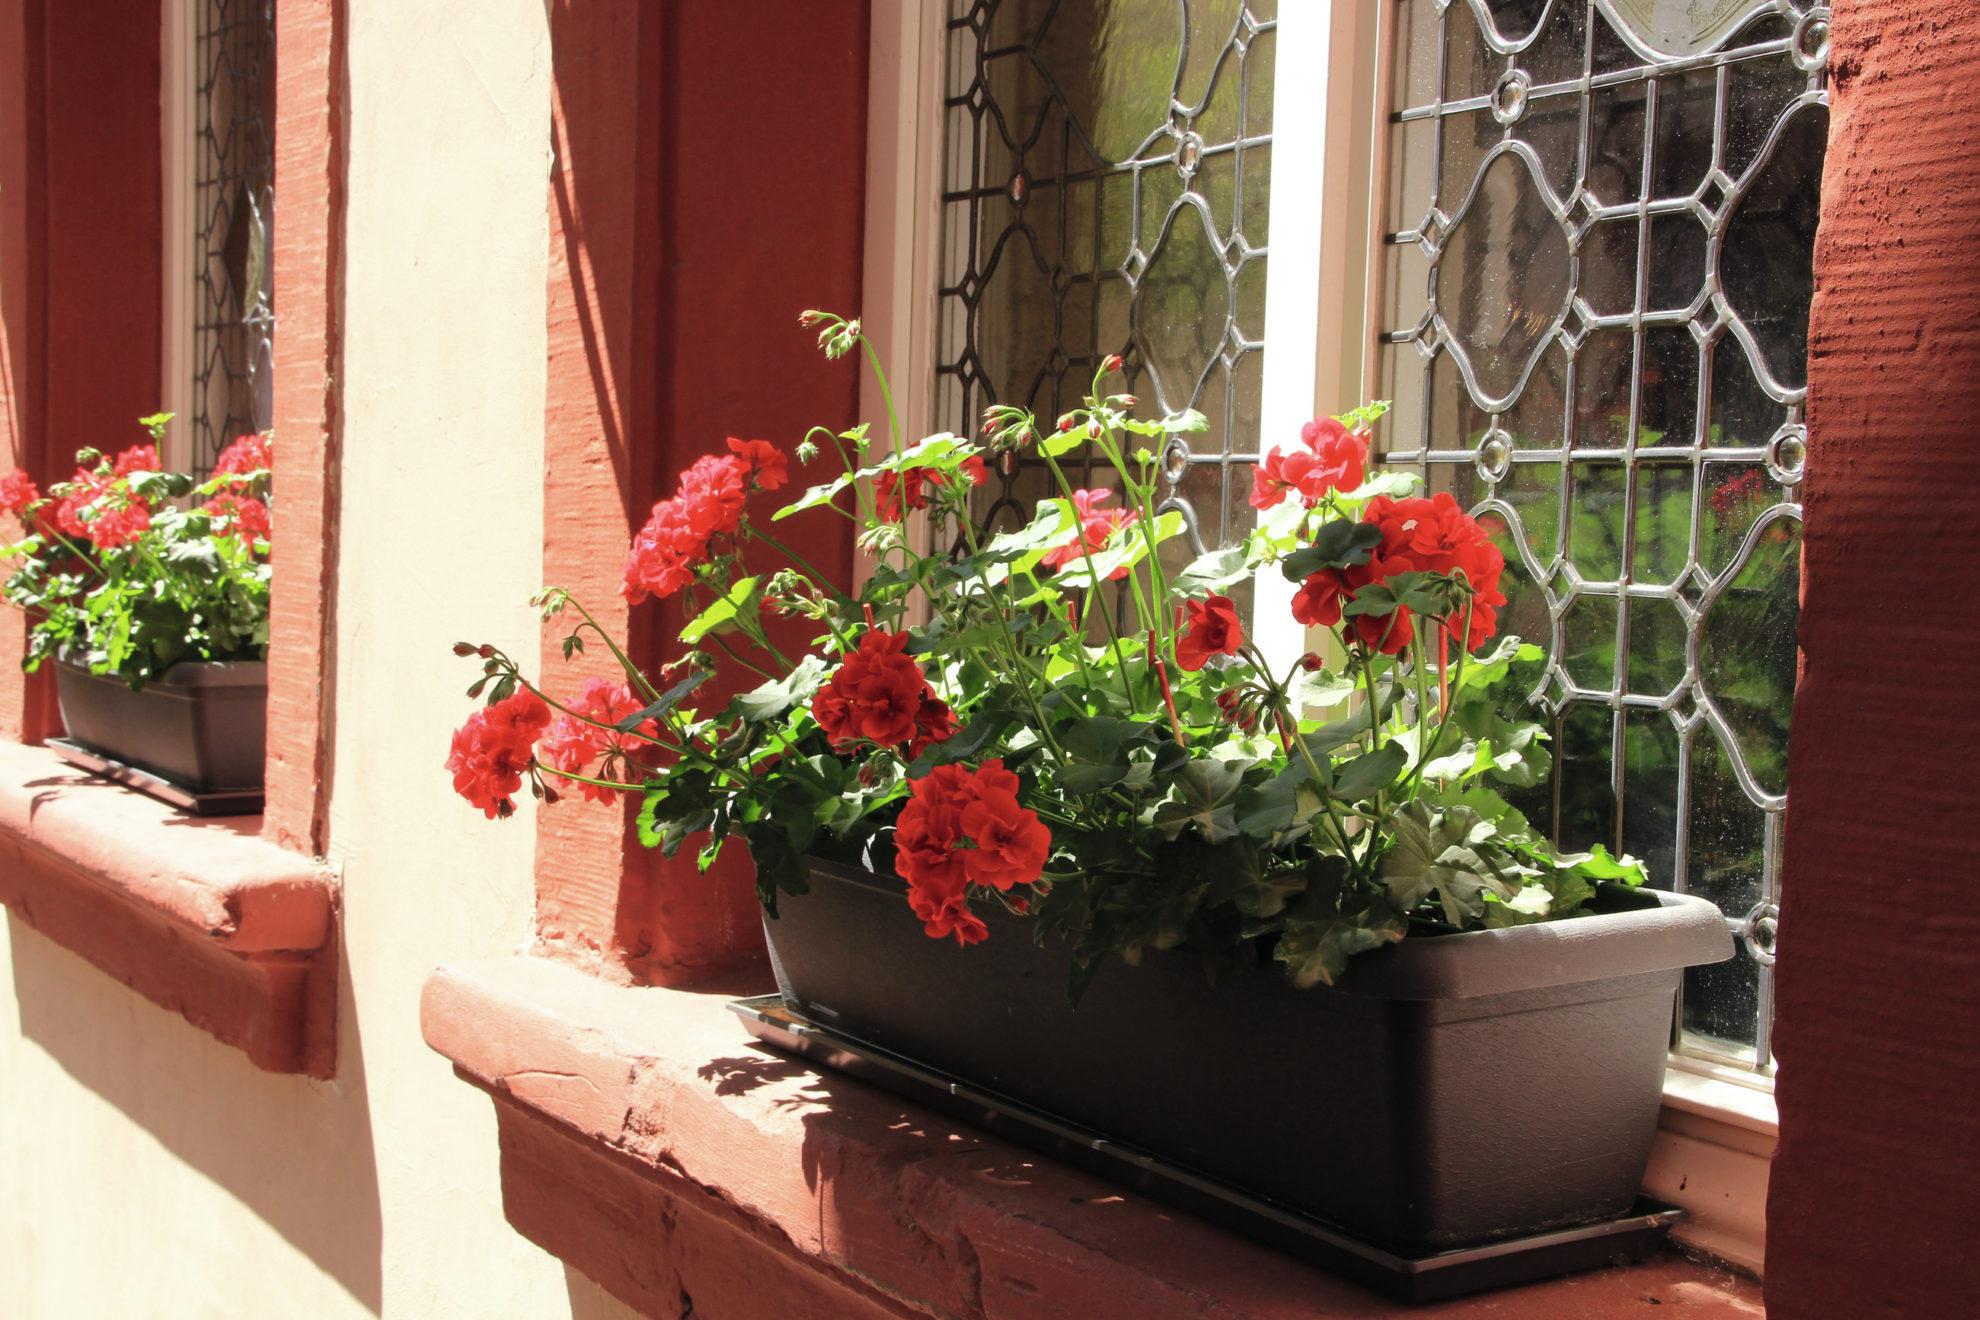 Ein Blumenkasten mit roten Blüten im Fenster einer sandroten Hauswand